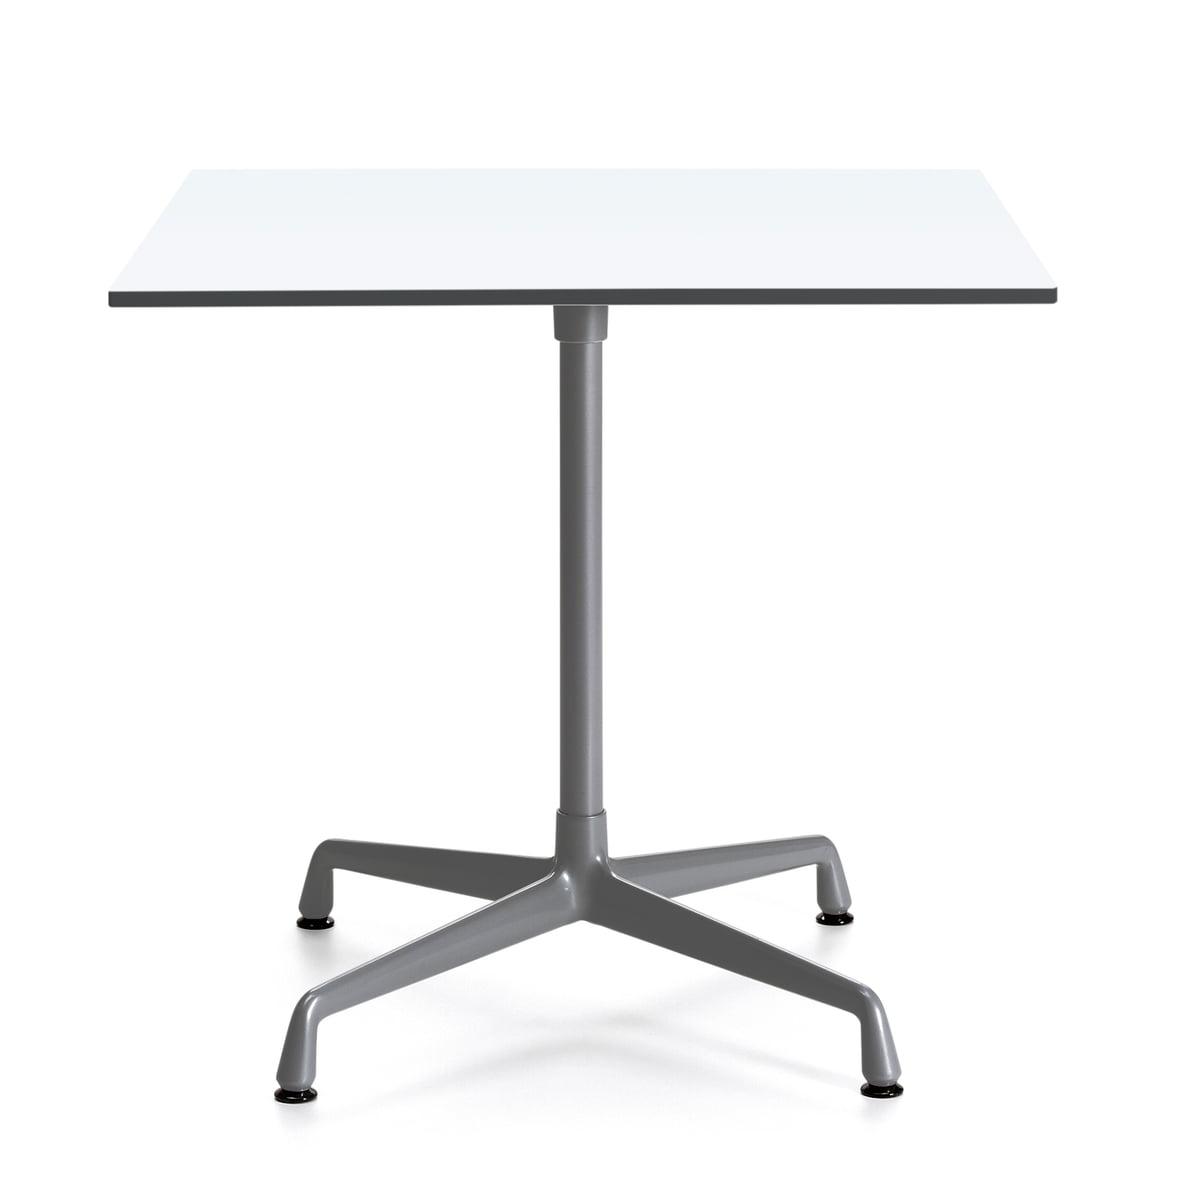 Vitra - Contract Bistrotisch Outdoor quadratisch, dunkelgrau / weiß | Küche und Esszimmer > Bar-Möbel > Bar-Stehtische | Weiß | Vitra